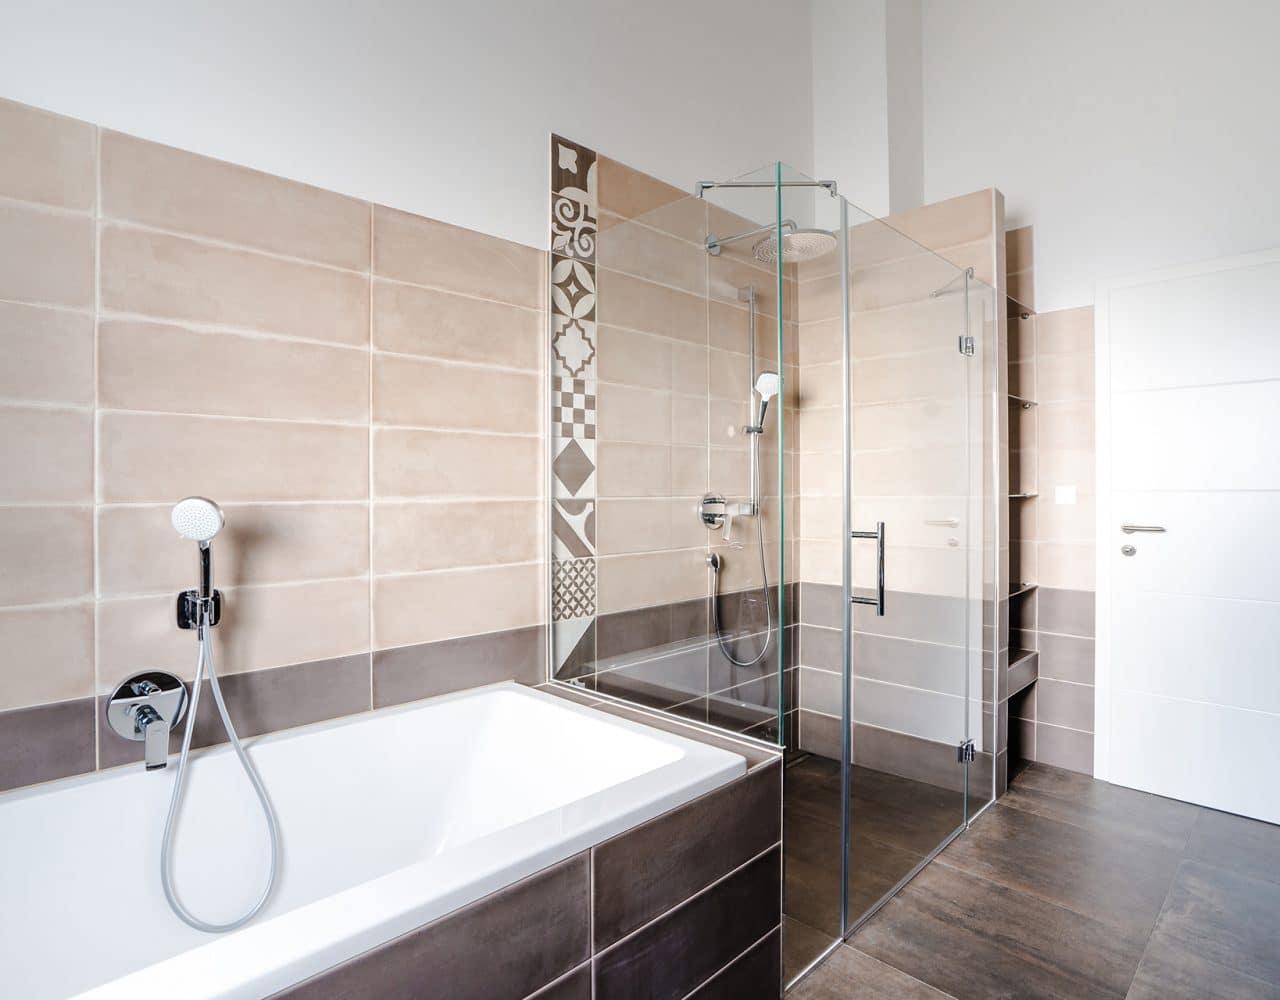 Glas im Badezimmer | Kricker Glas: Individuelle Glaskonzepte mit ...